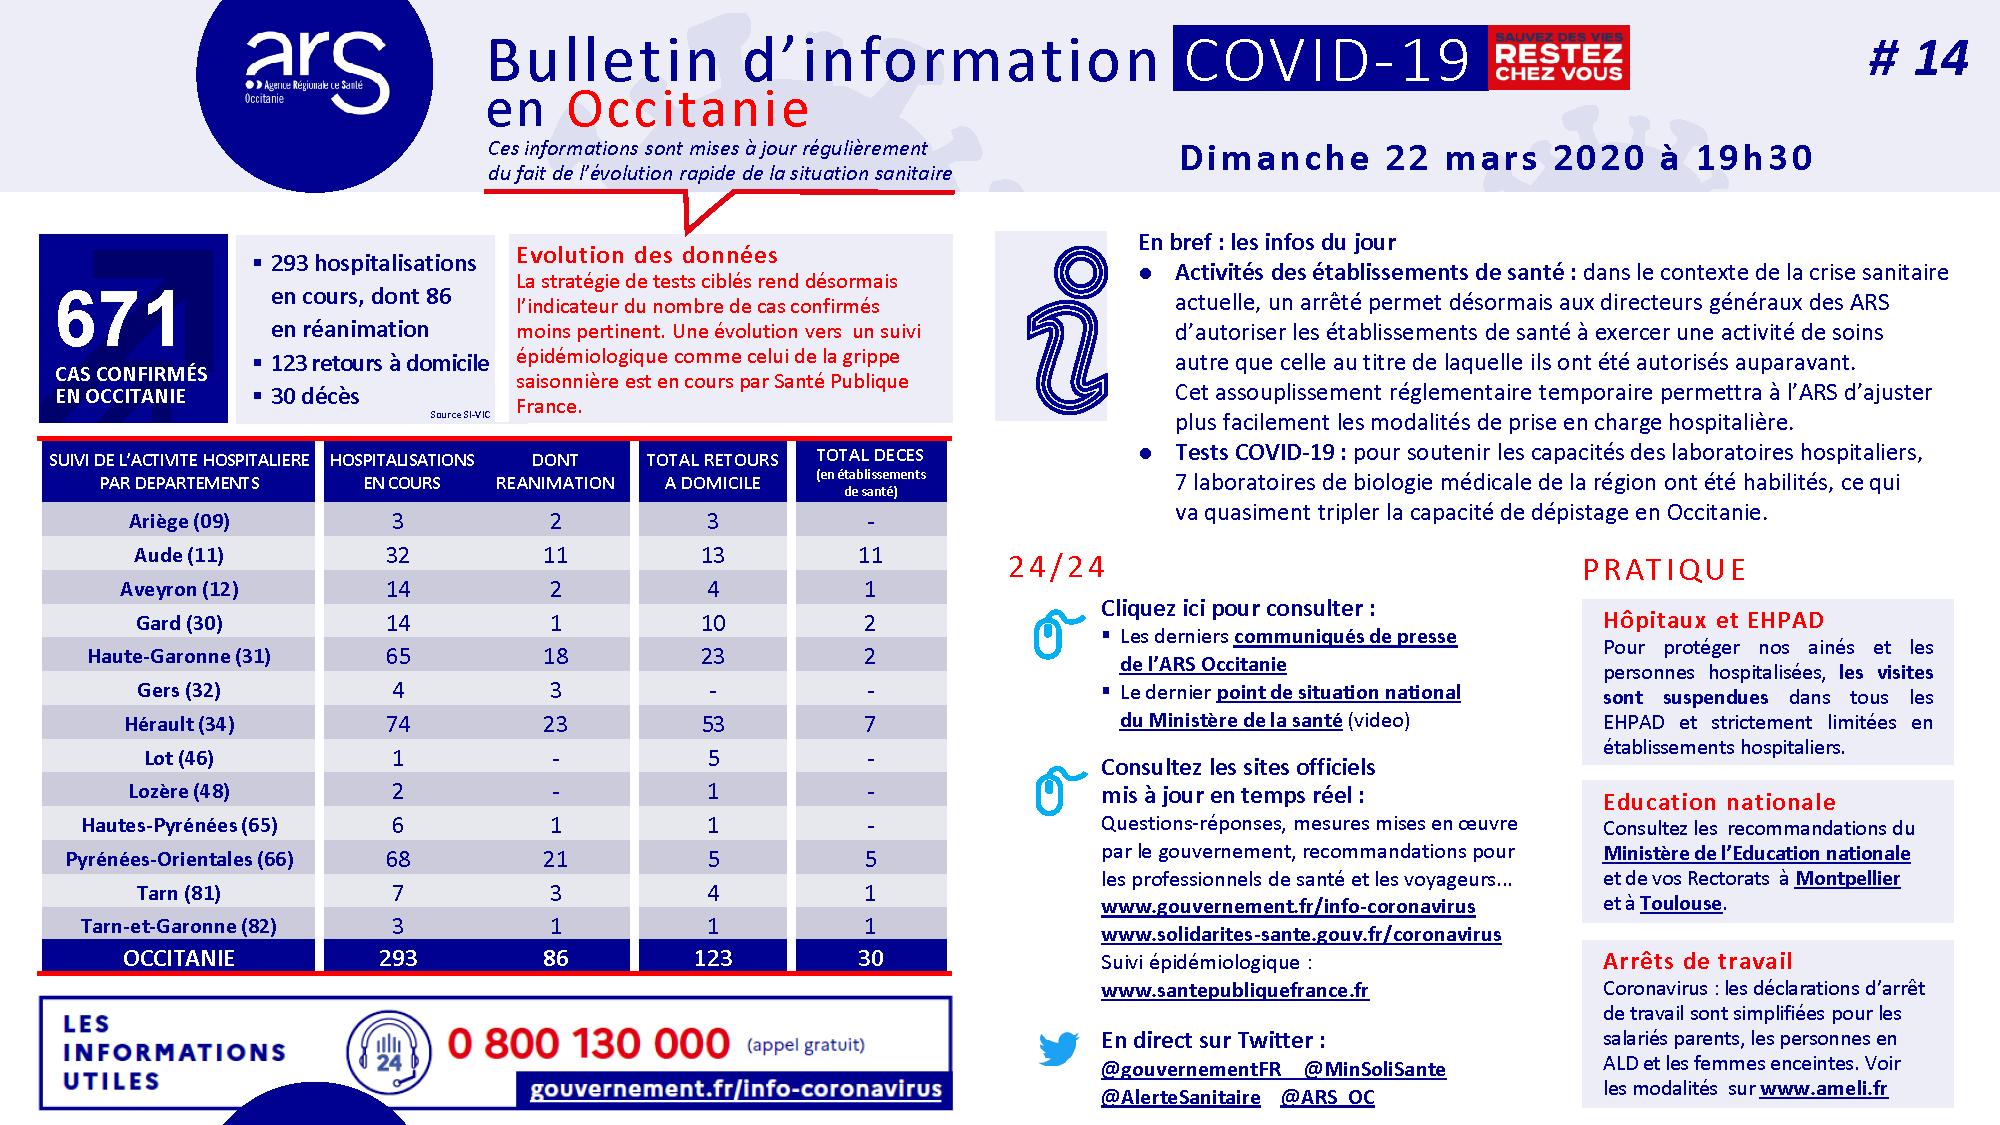 Bulletin d'information en Occitanie sur le Covid-19 au dimanche 22 mars 2020 / ARS Occitanie